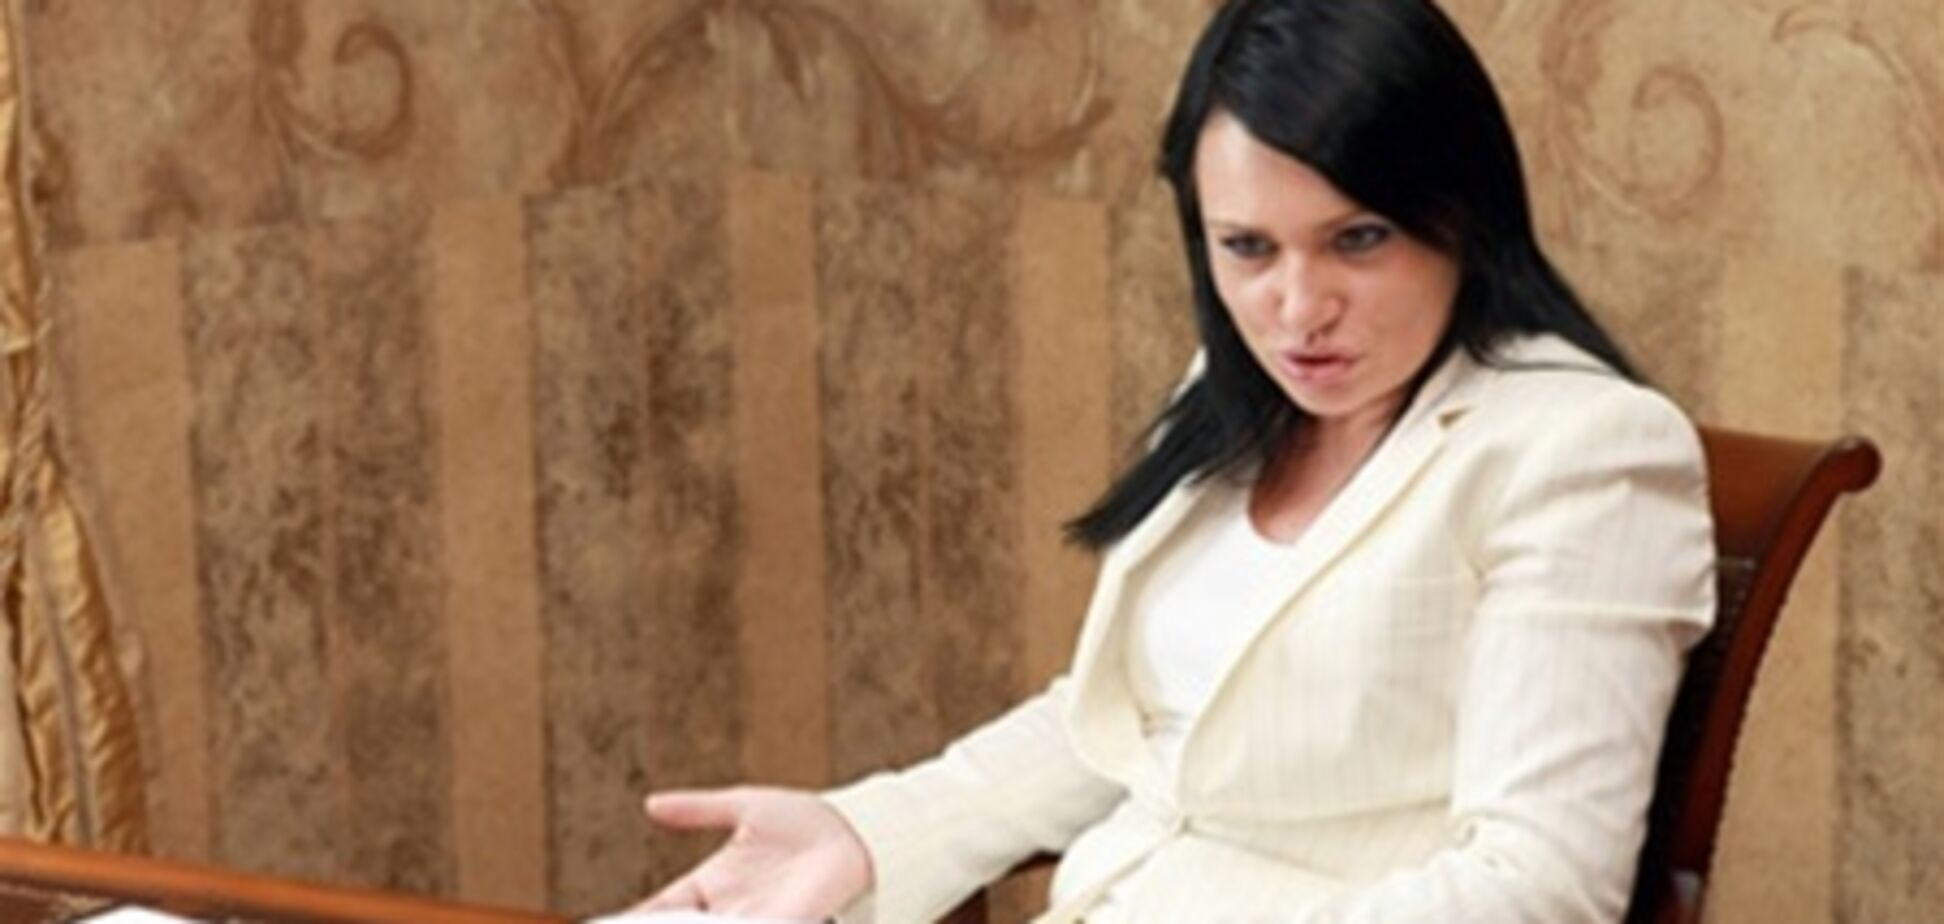 Дочь отучила Кильчицкую курить и ругаться